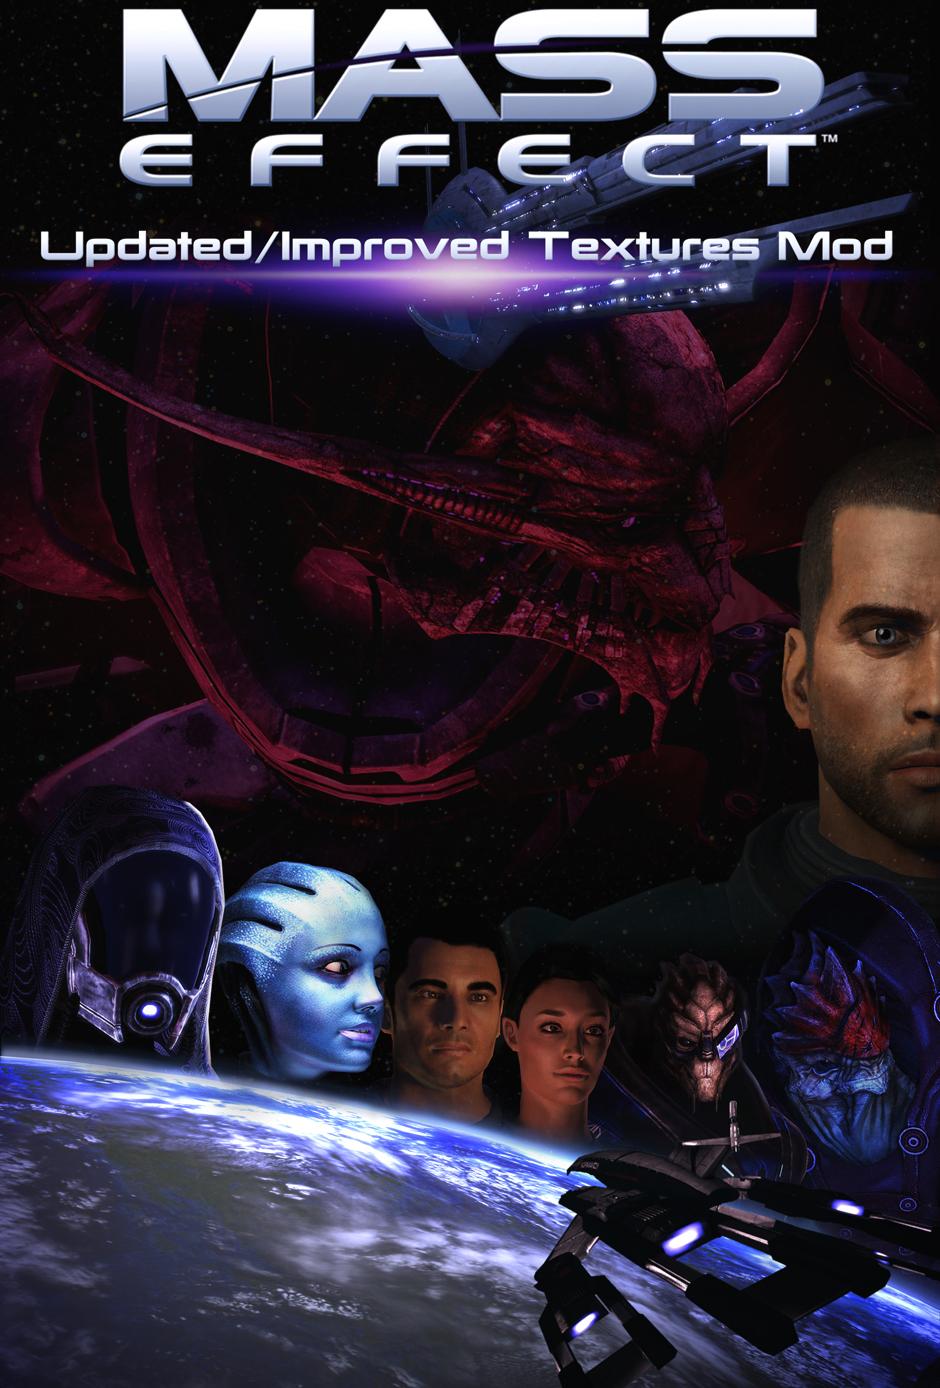 http://www.moddb.com/mods/mass-effect-1-new-texture-updatesimprovements-mod